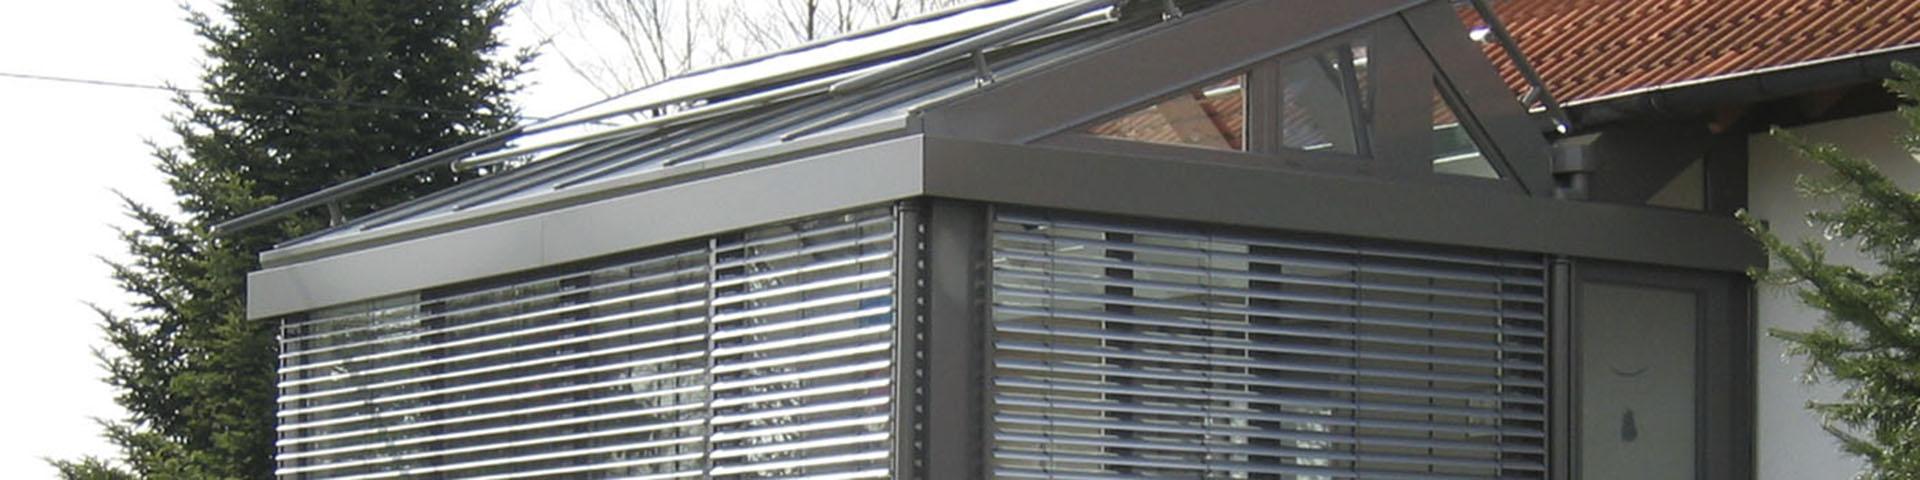 Wintergarten Schreinerei Fensterbau Veser Gmbh Aus